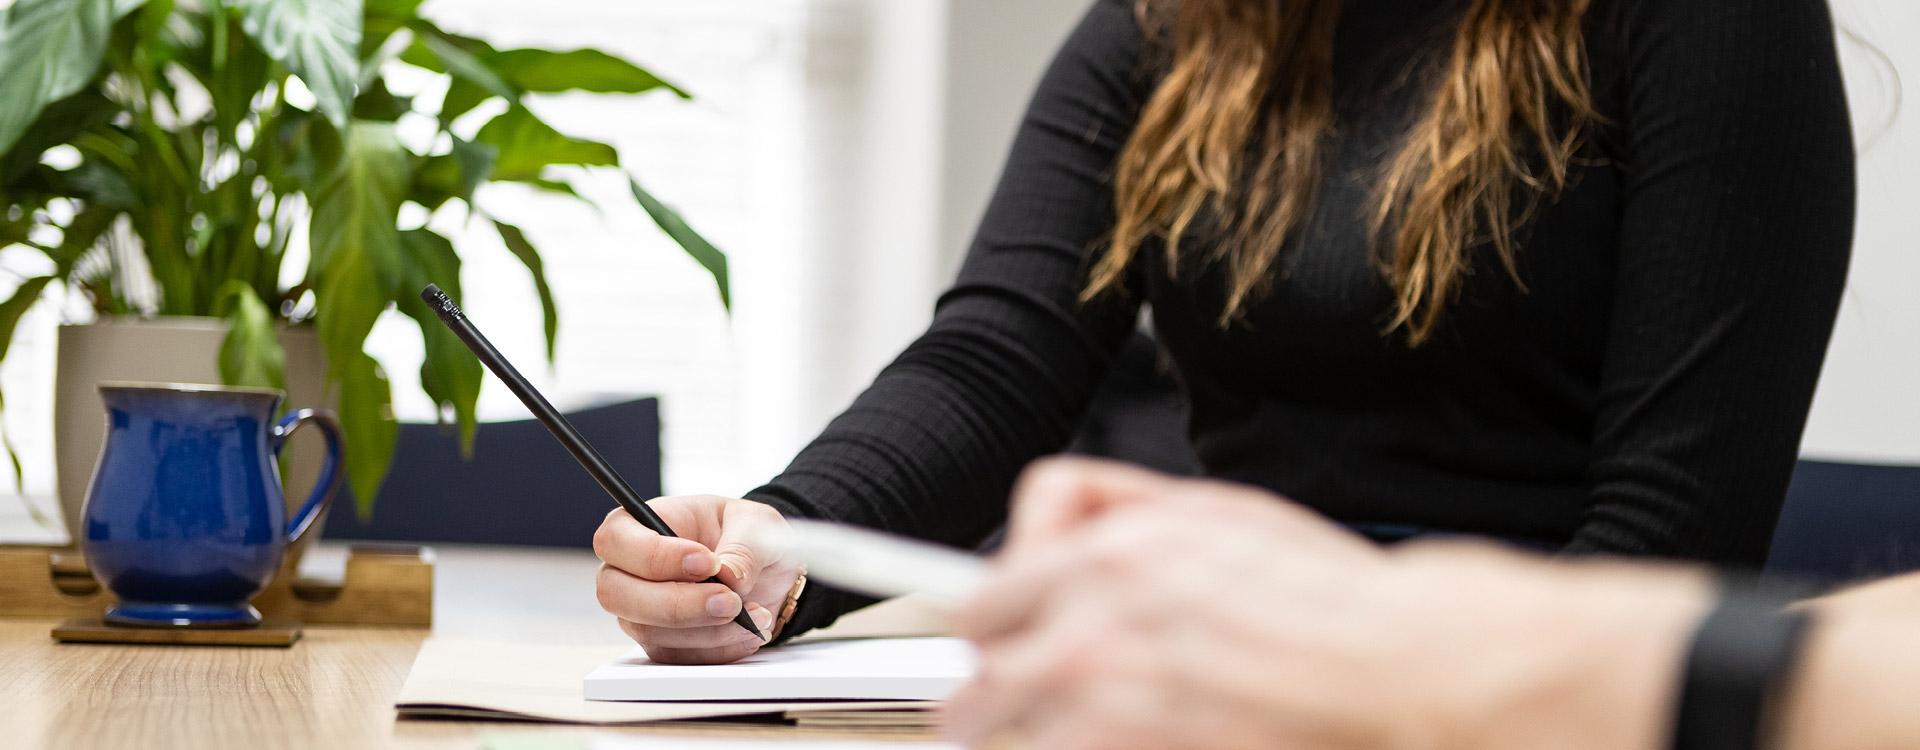 Milne Moser Solicitors Kendal Office Header Image